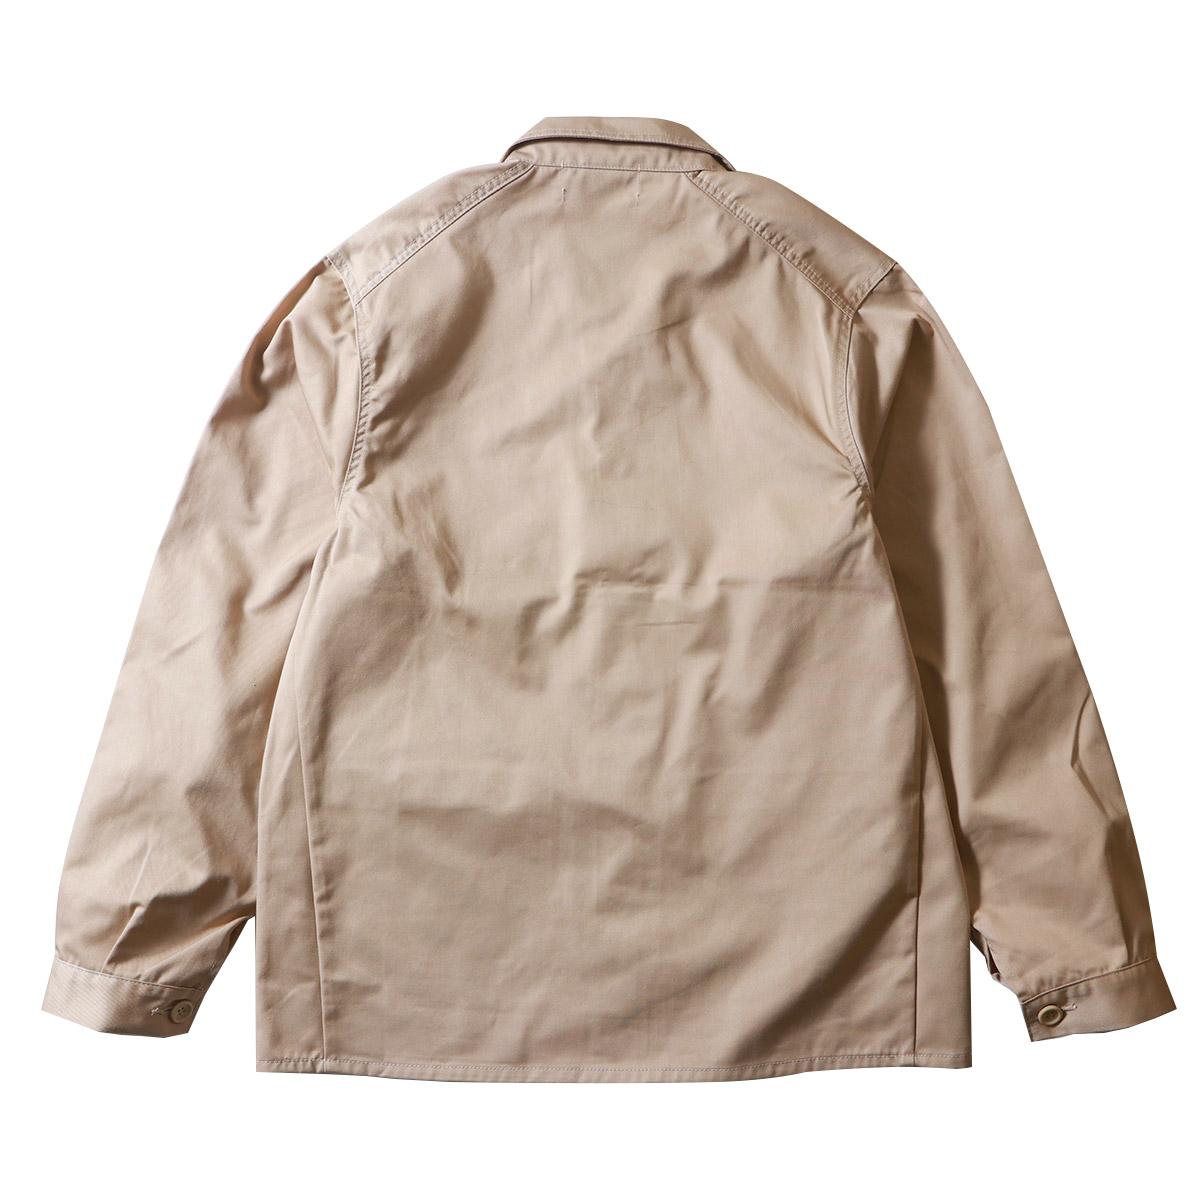 BILLVAN 高密度ツイル・カバーオール ワークジャケット・ ビルバン アメカジ メンズ